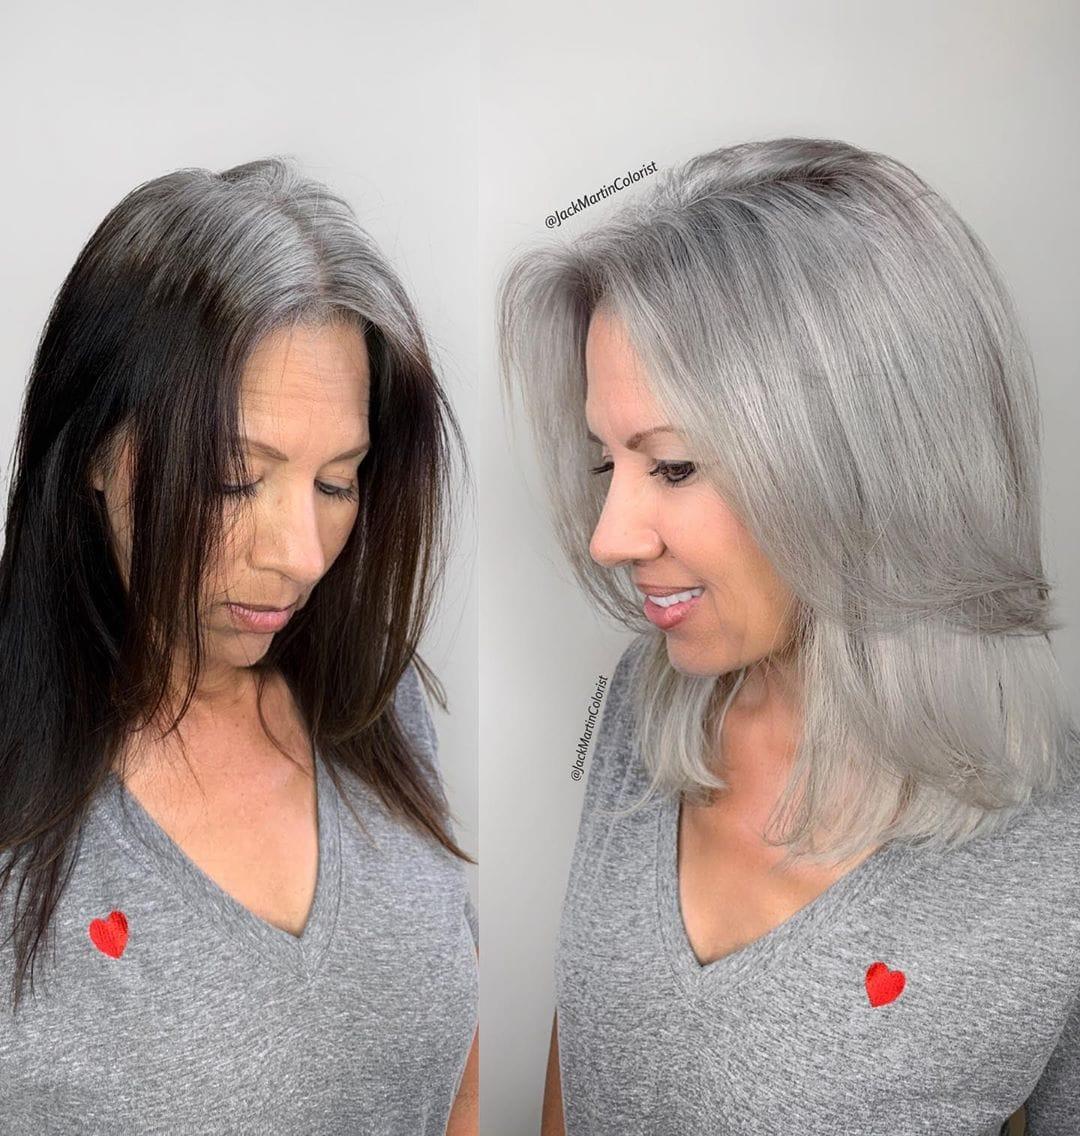 Клиентки этого парикмахера гордятся своей сединой, а не прячут ее